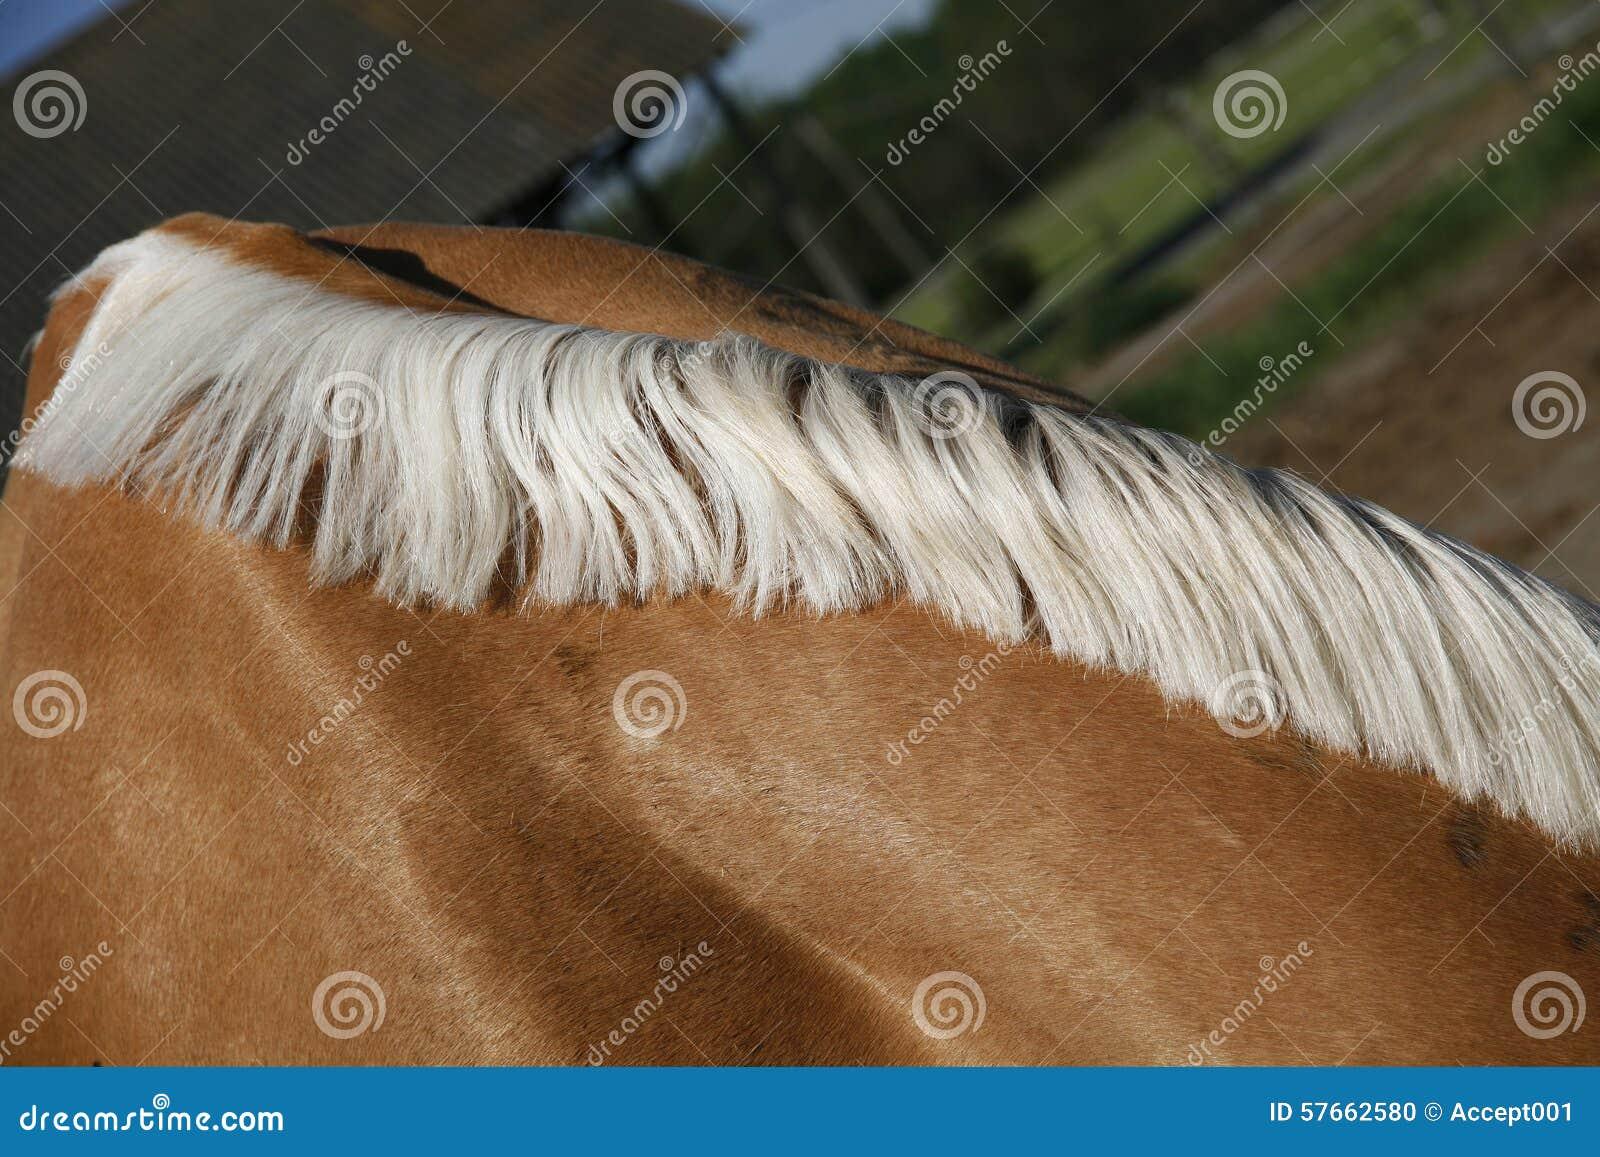 Koń szyja z pięknej białej grzywy ziemi uprawnej wiejską sceną